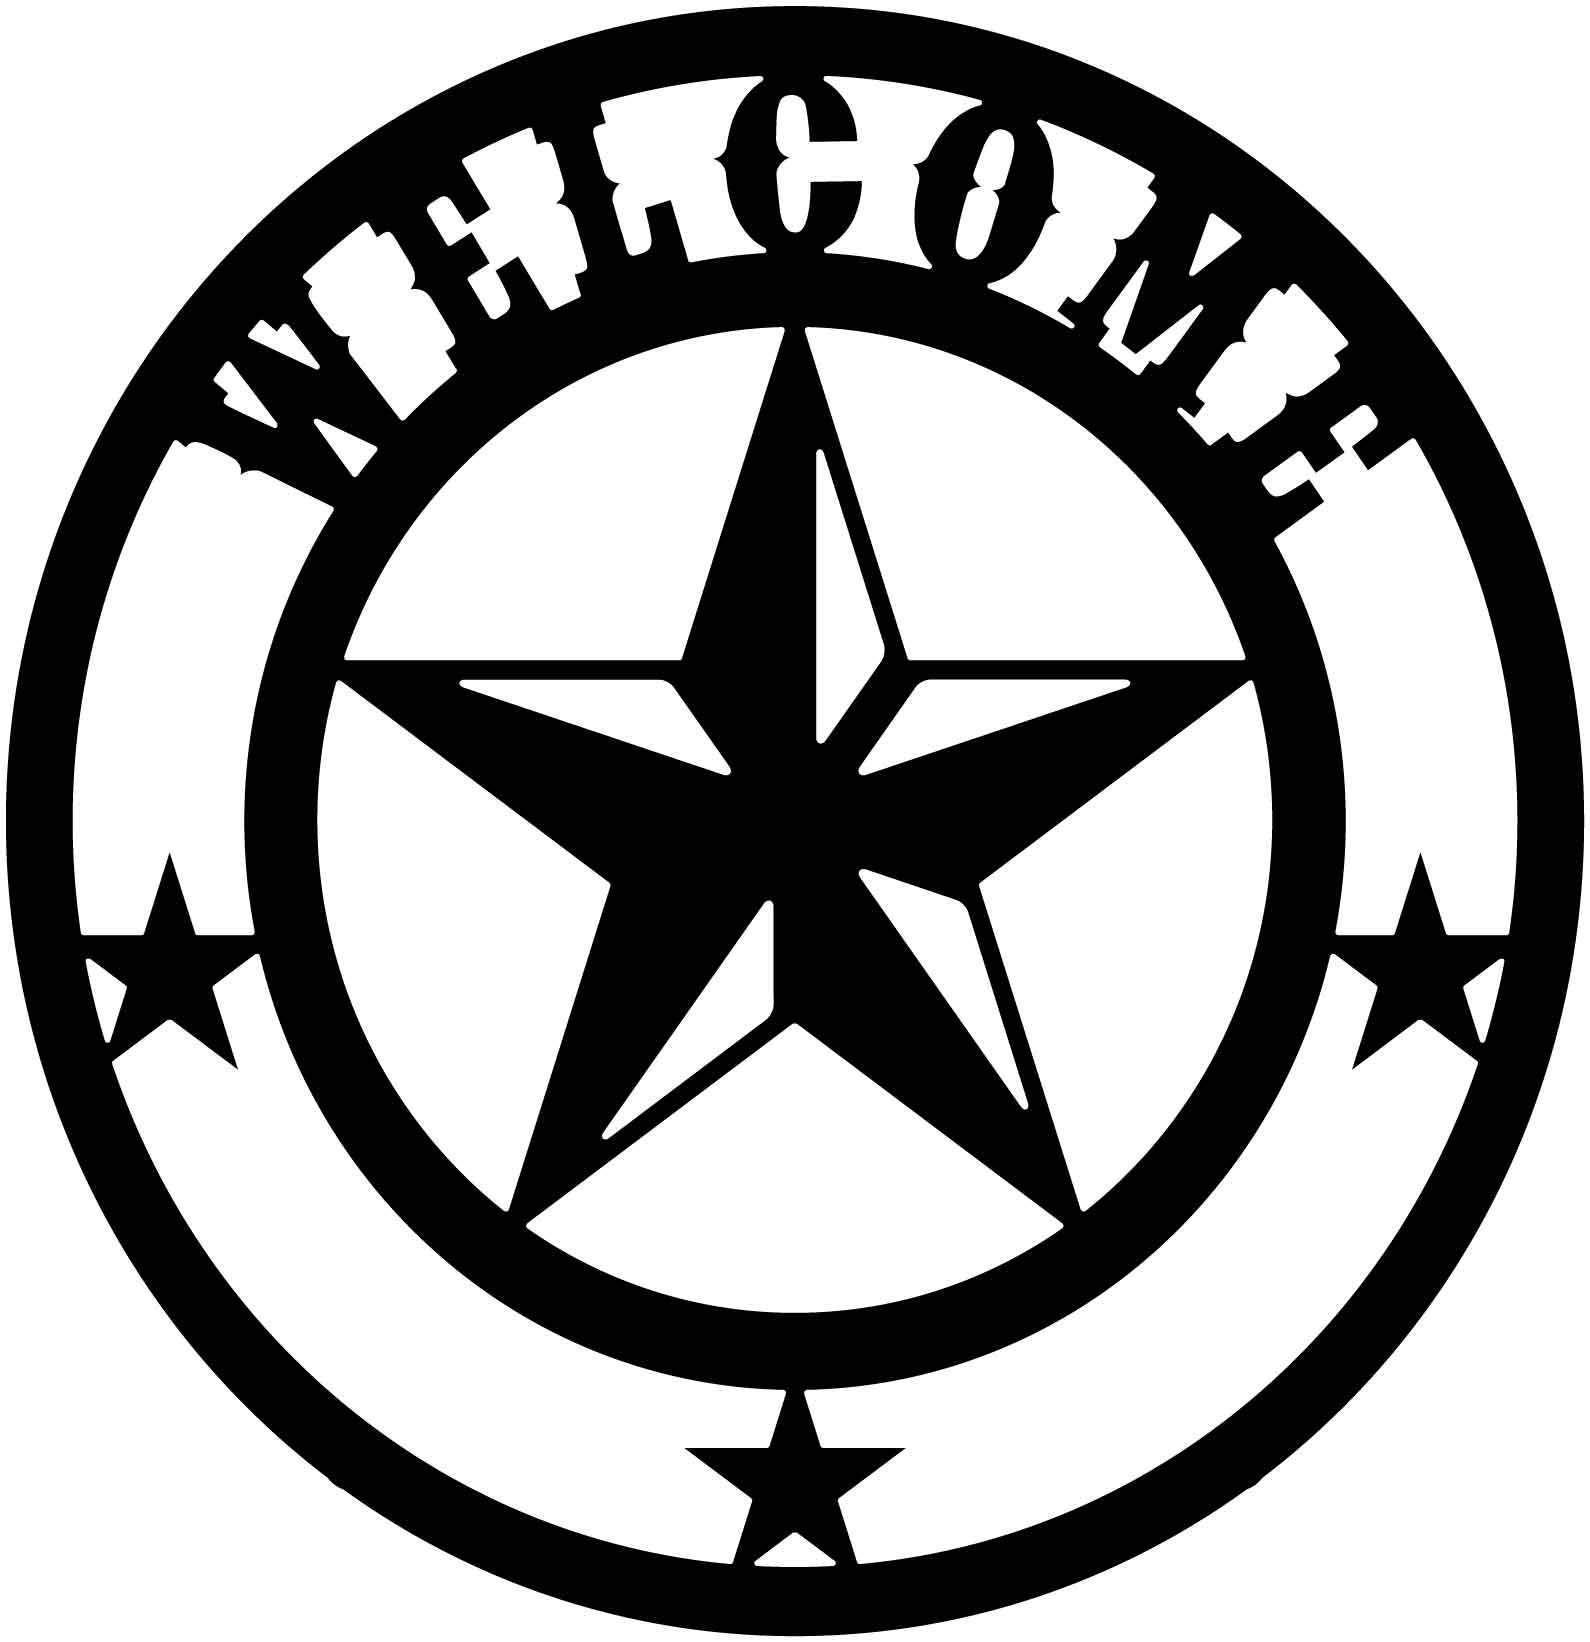 Texas Star Free DXF file Texas star, Metal tree